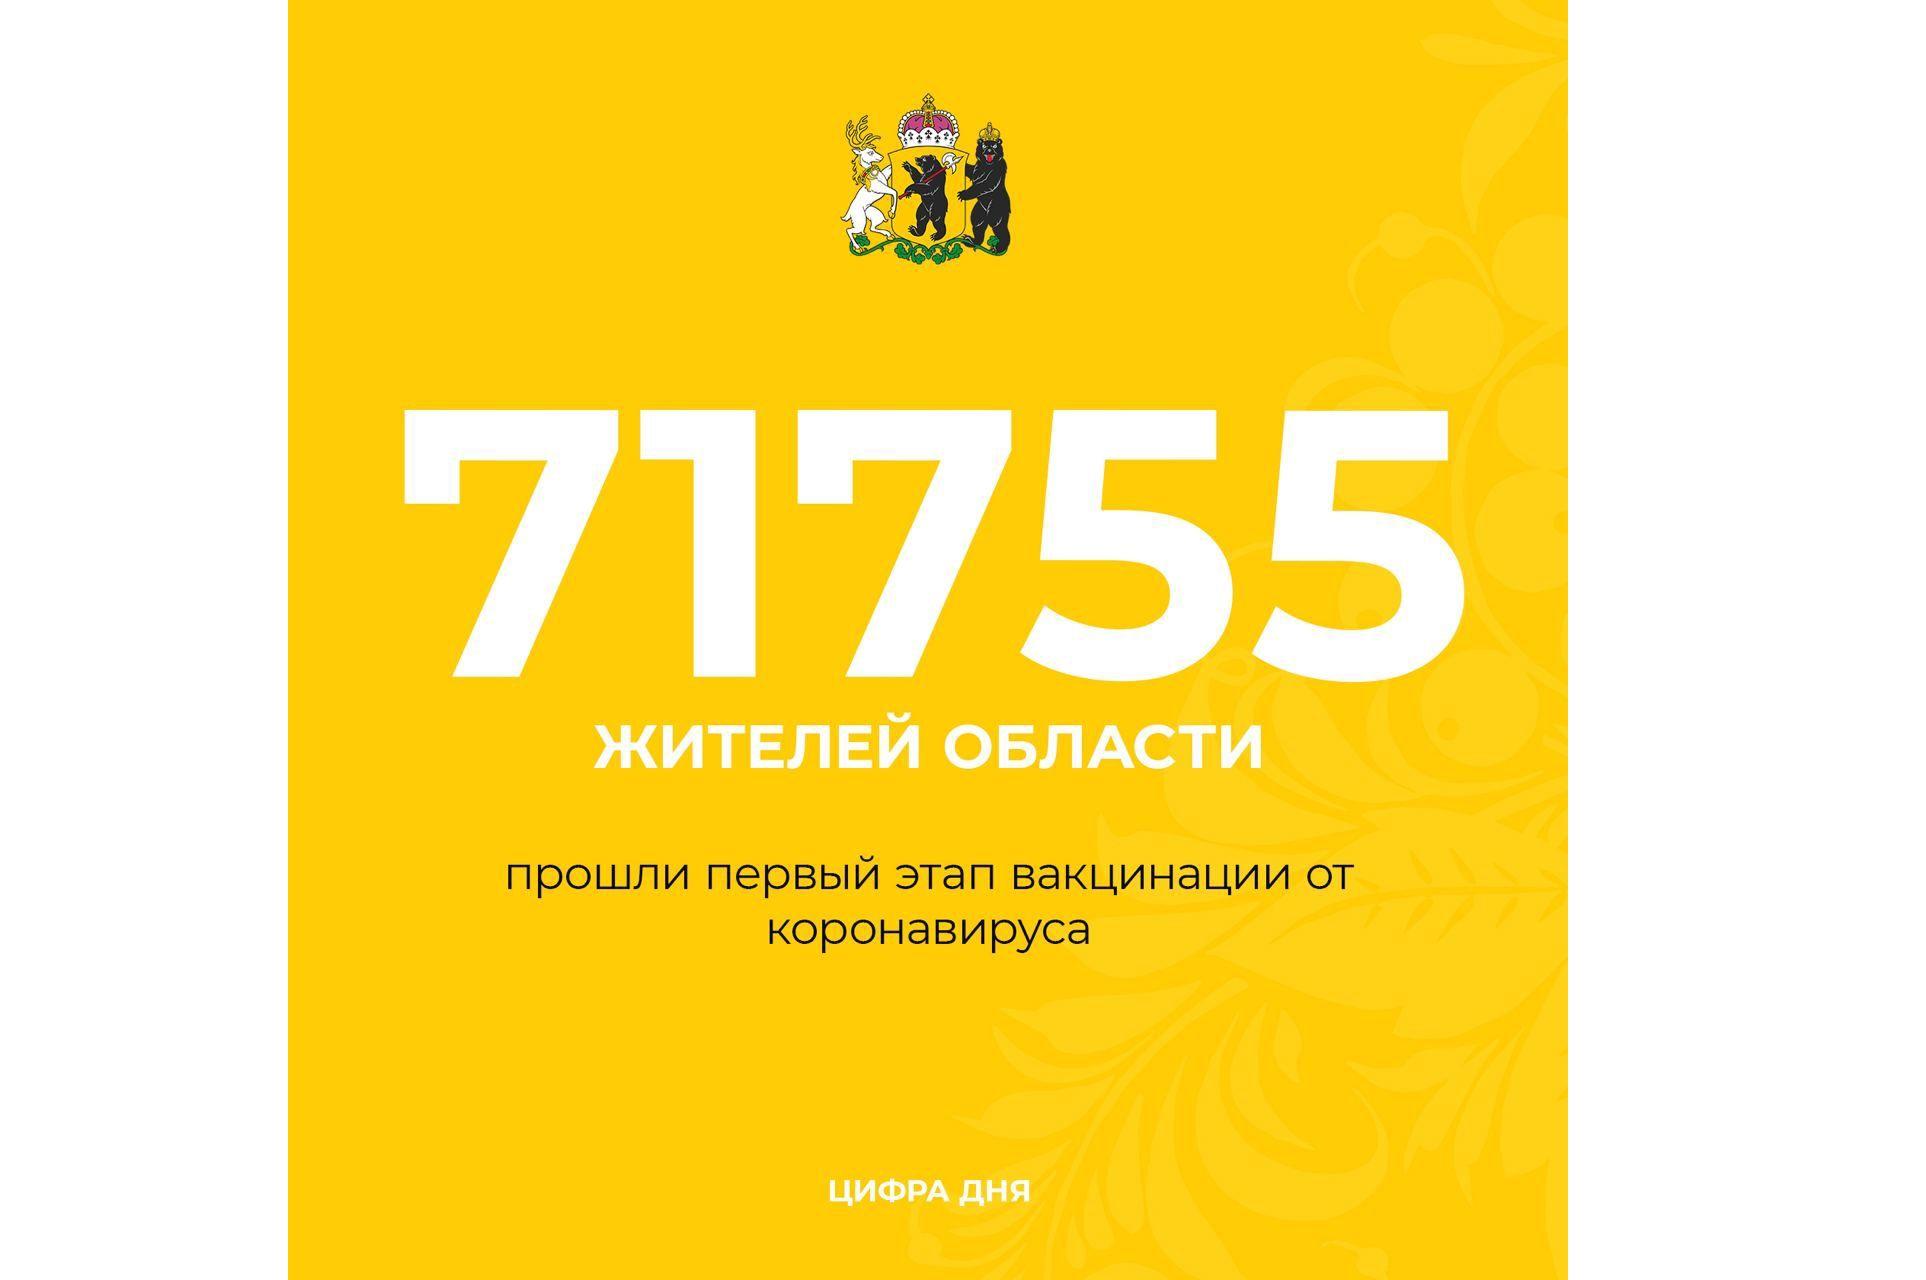 В Ярославской области больше 71 тысячи человек сделали прививки от коронавируса